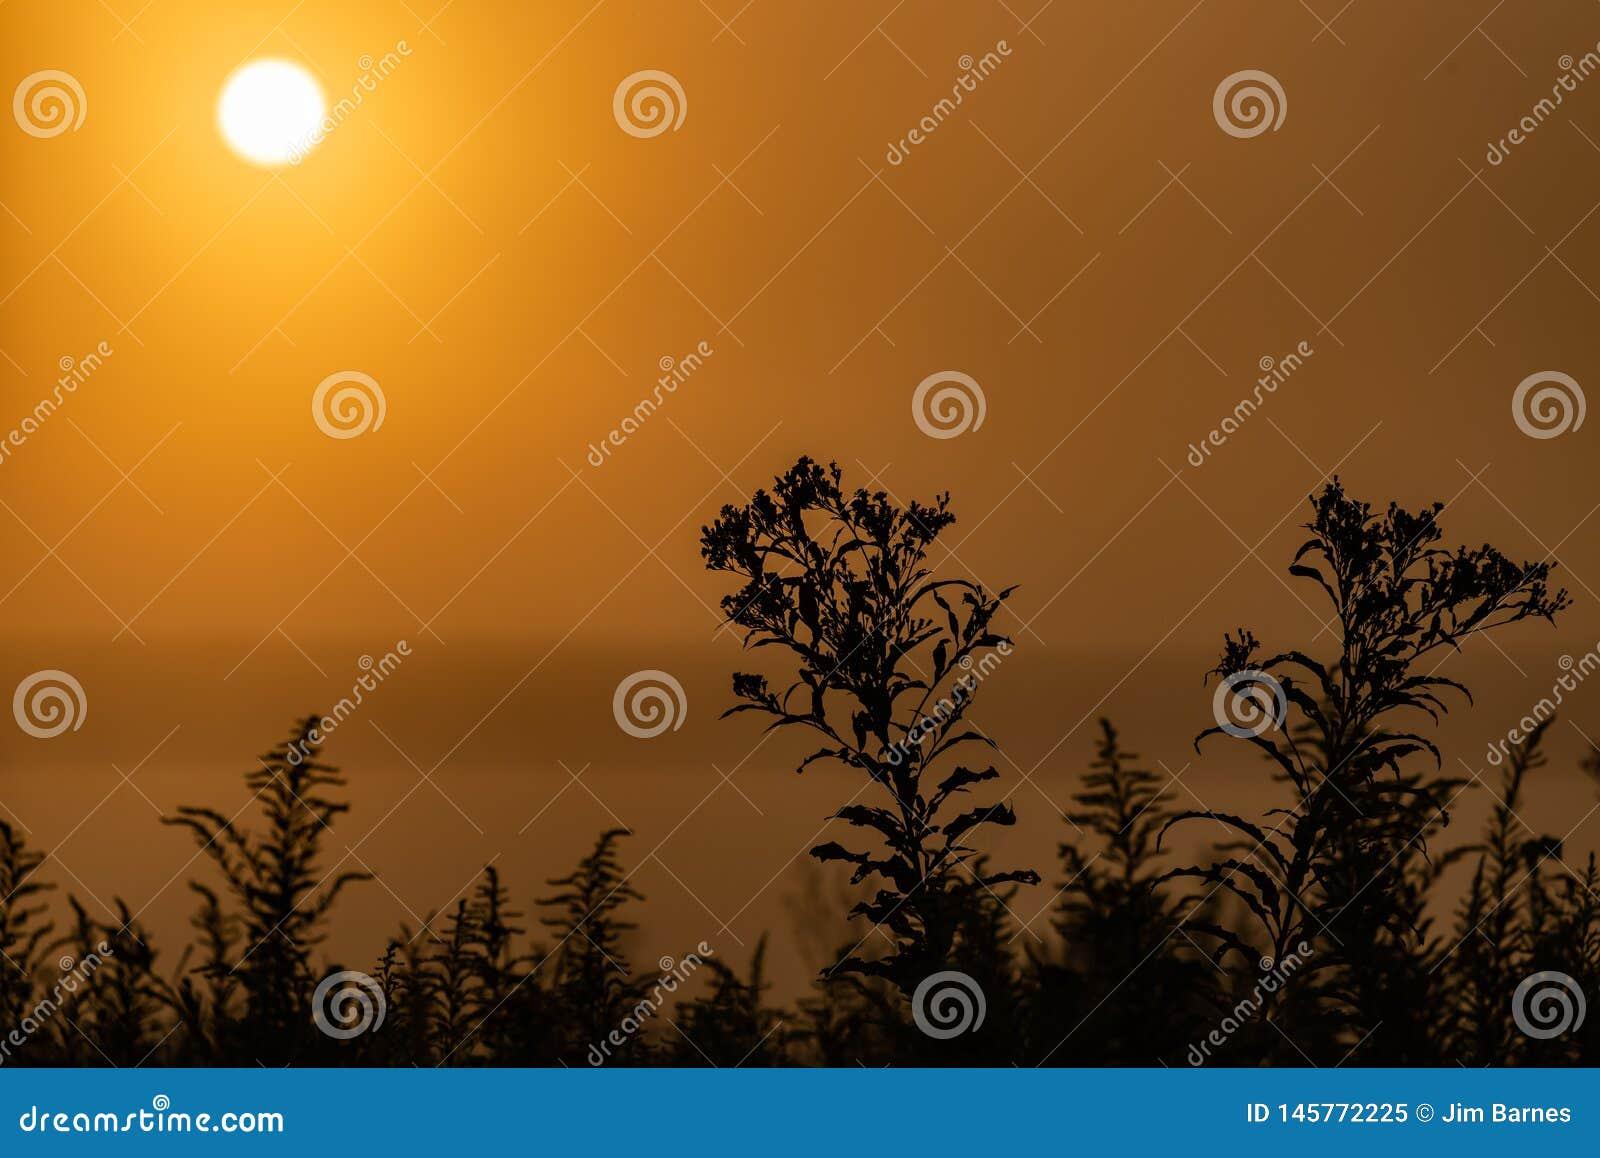 Wczesnego poranku wschód słońca z żółtymi niebami i sylwetką rośliny w przedpolu